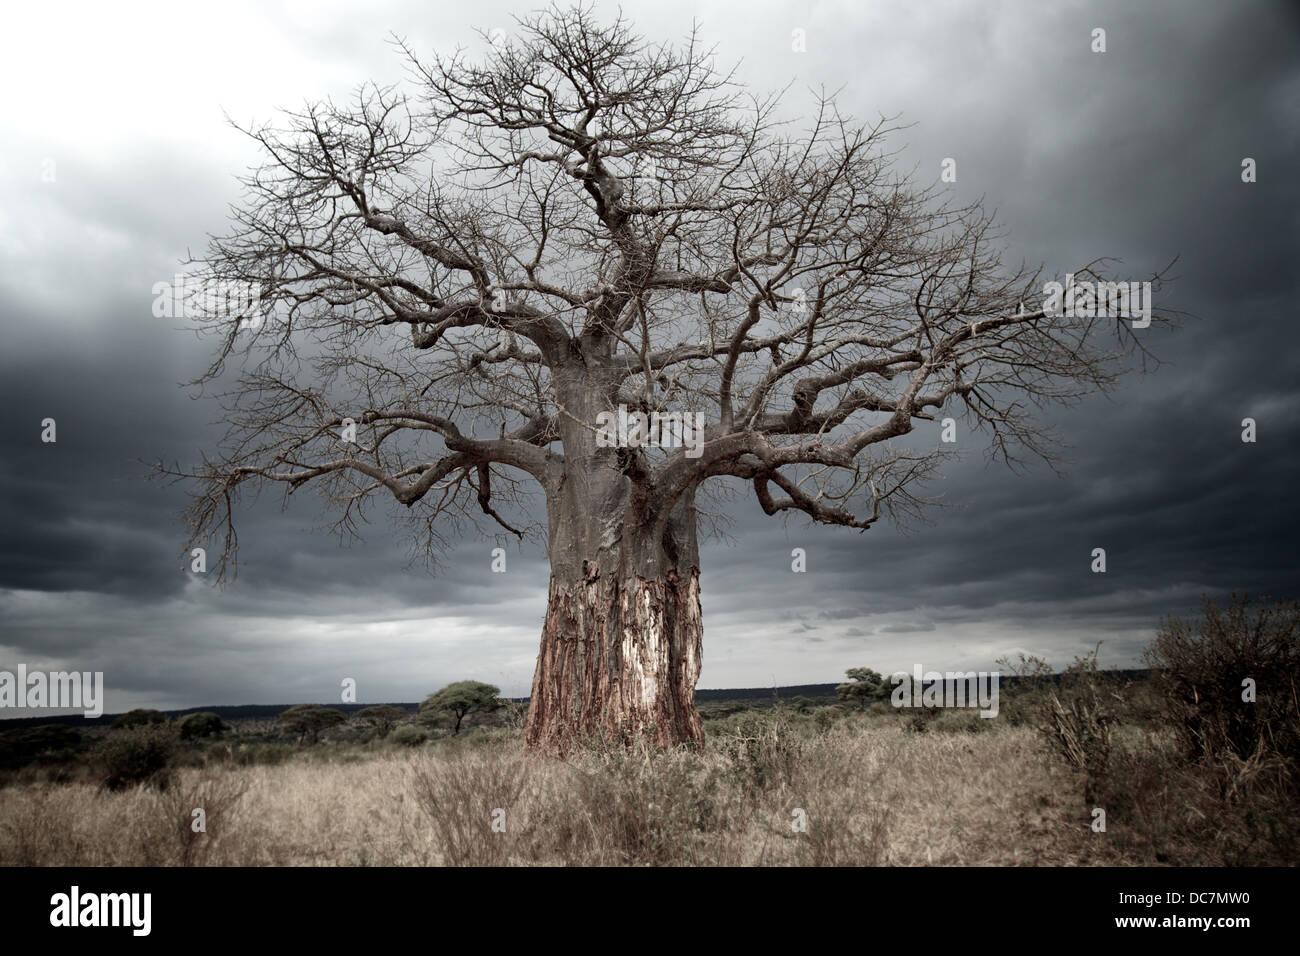 Baobab con extraído de la corteza del tronco inferior por los elefantes. Parque Nacional Tarangire. Tanzania Imagen De Stock